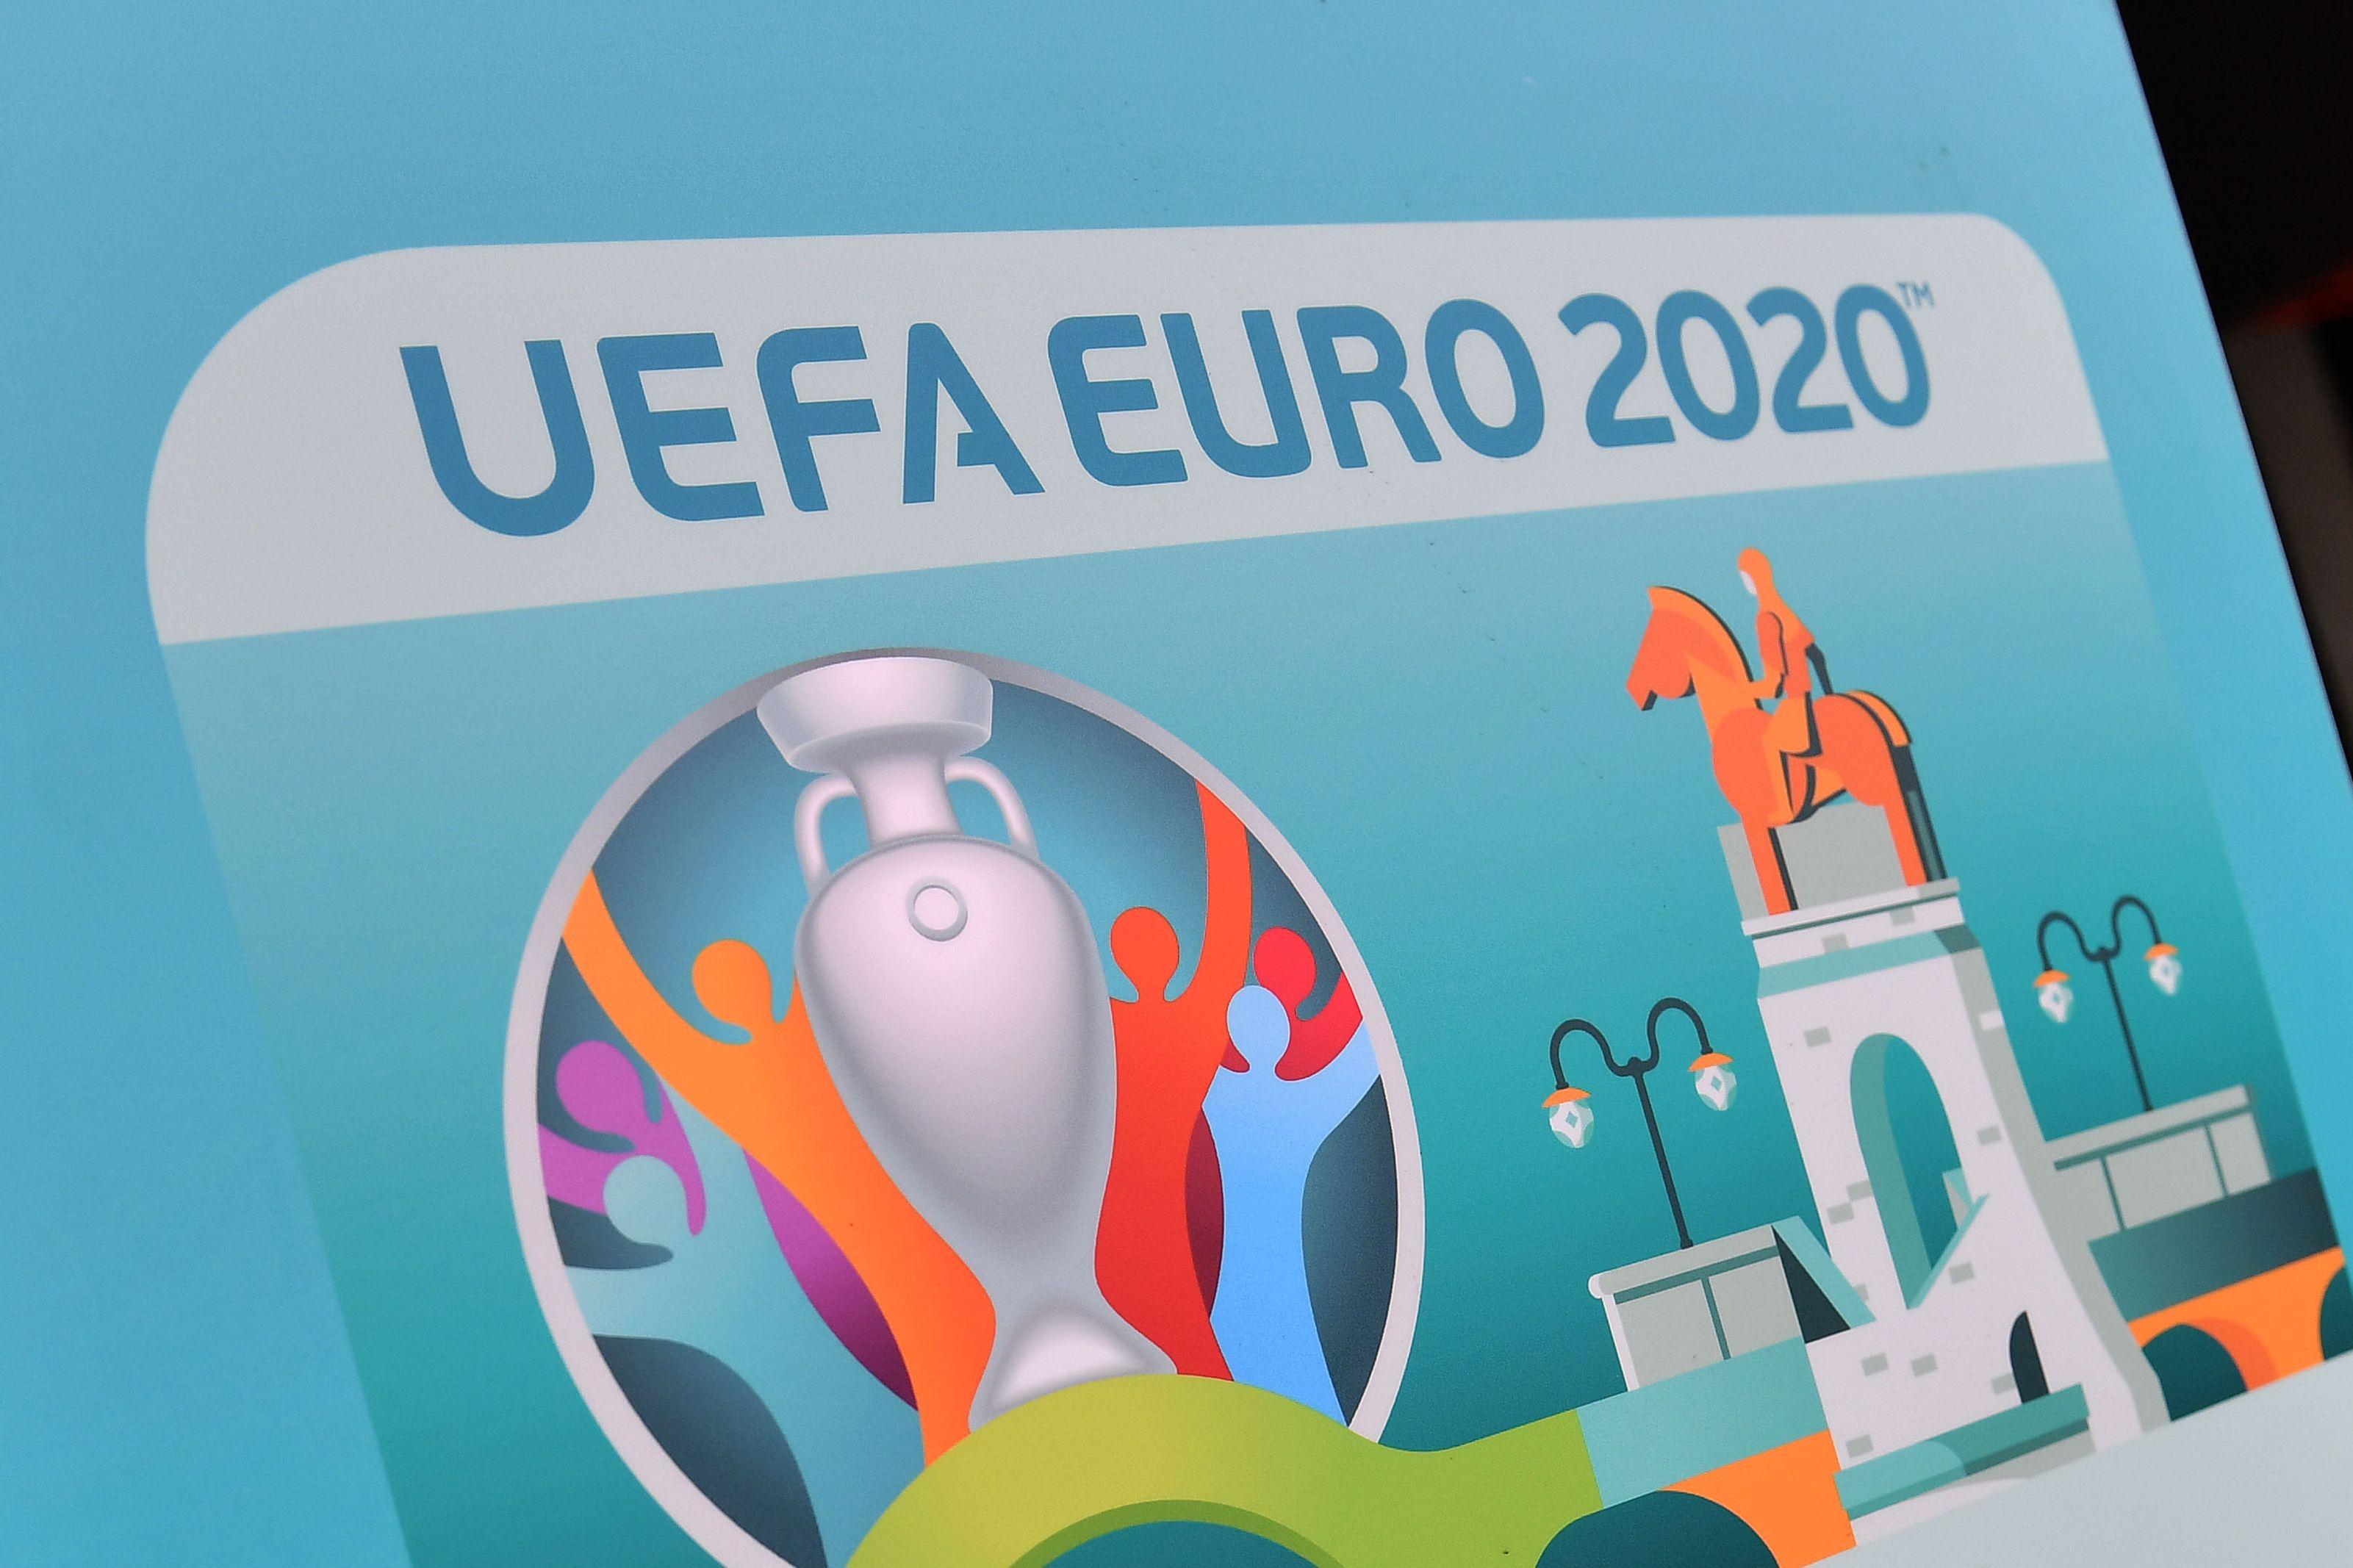 Евро-2020 может пройти в Санкт-Петербурге и Лондоне, если УЕФА сократит количество городов